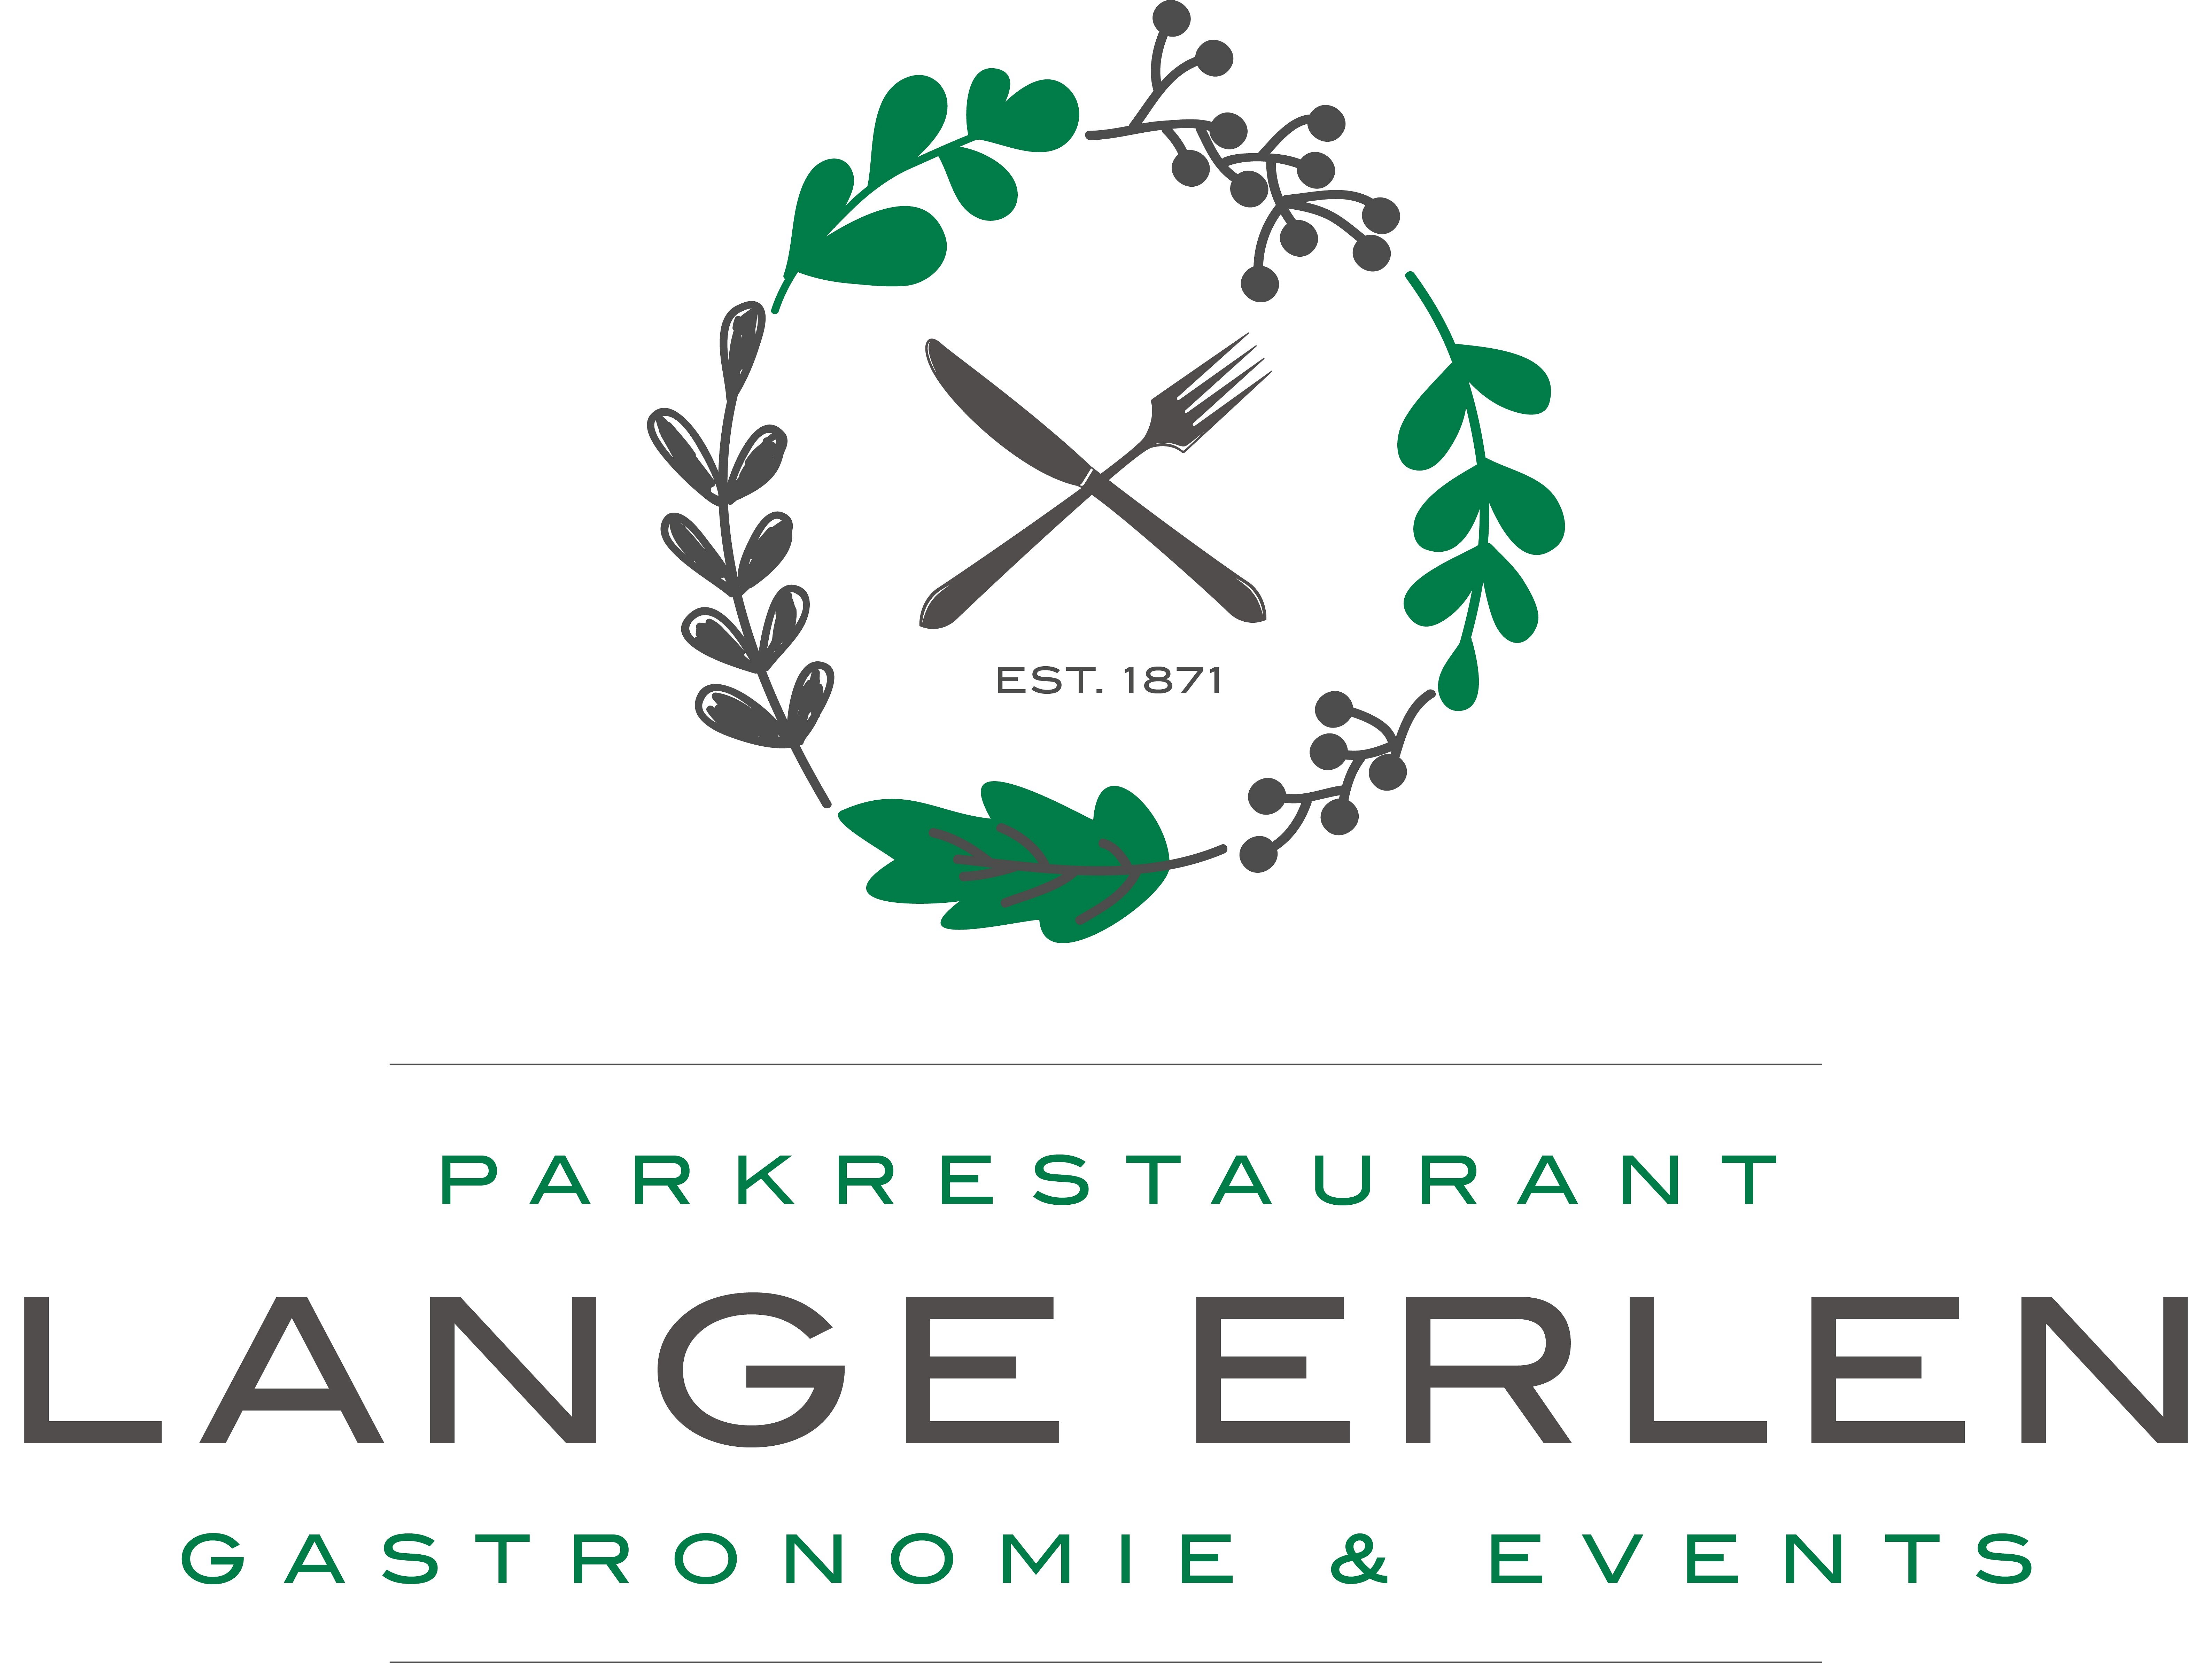 Parkrestaurant Lange Erlen